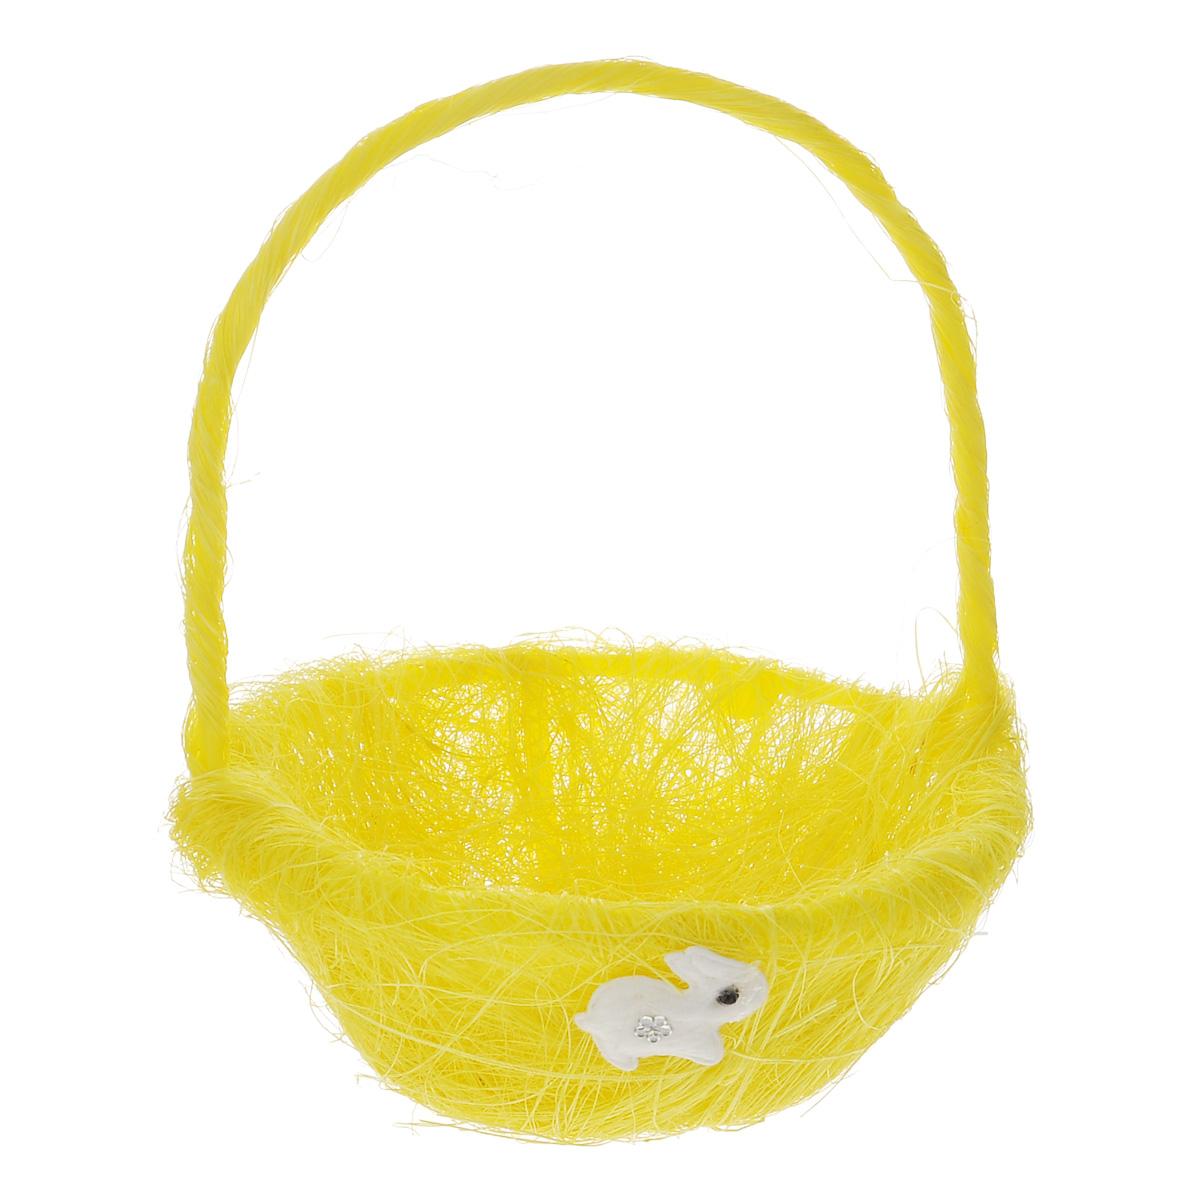 Корзинка декоративная Home Queen Легкость, цвет: желтый, 14,5 см х 19 см копилка декоративная home queen подарок с любовью с сердцем